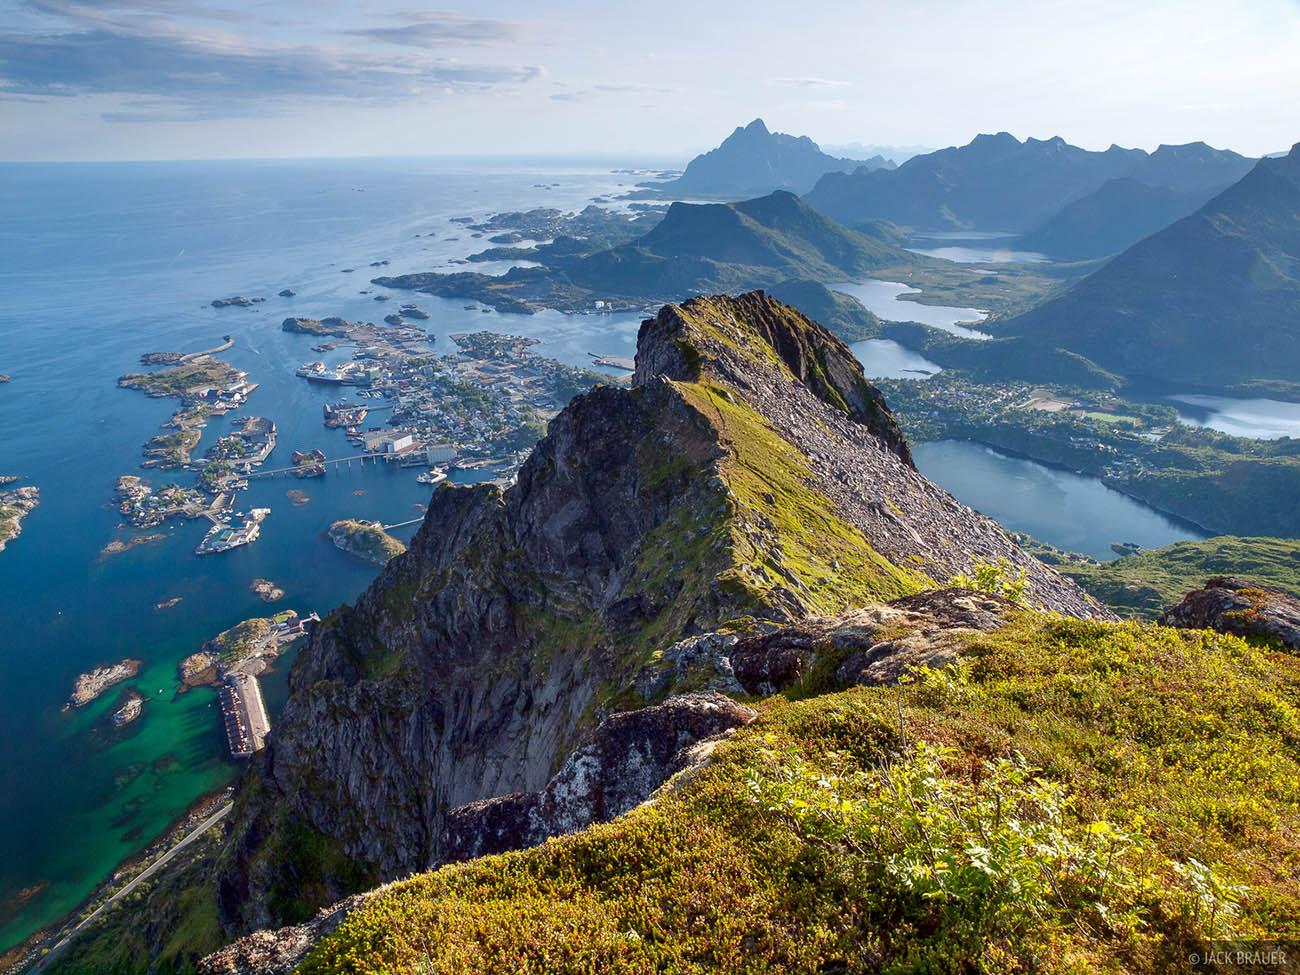 Вершина Сволваэргейта и гора Флёйя (Флёйфьеллет) в Норвегии